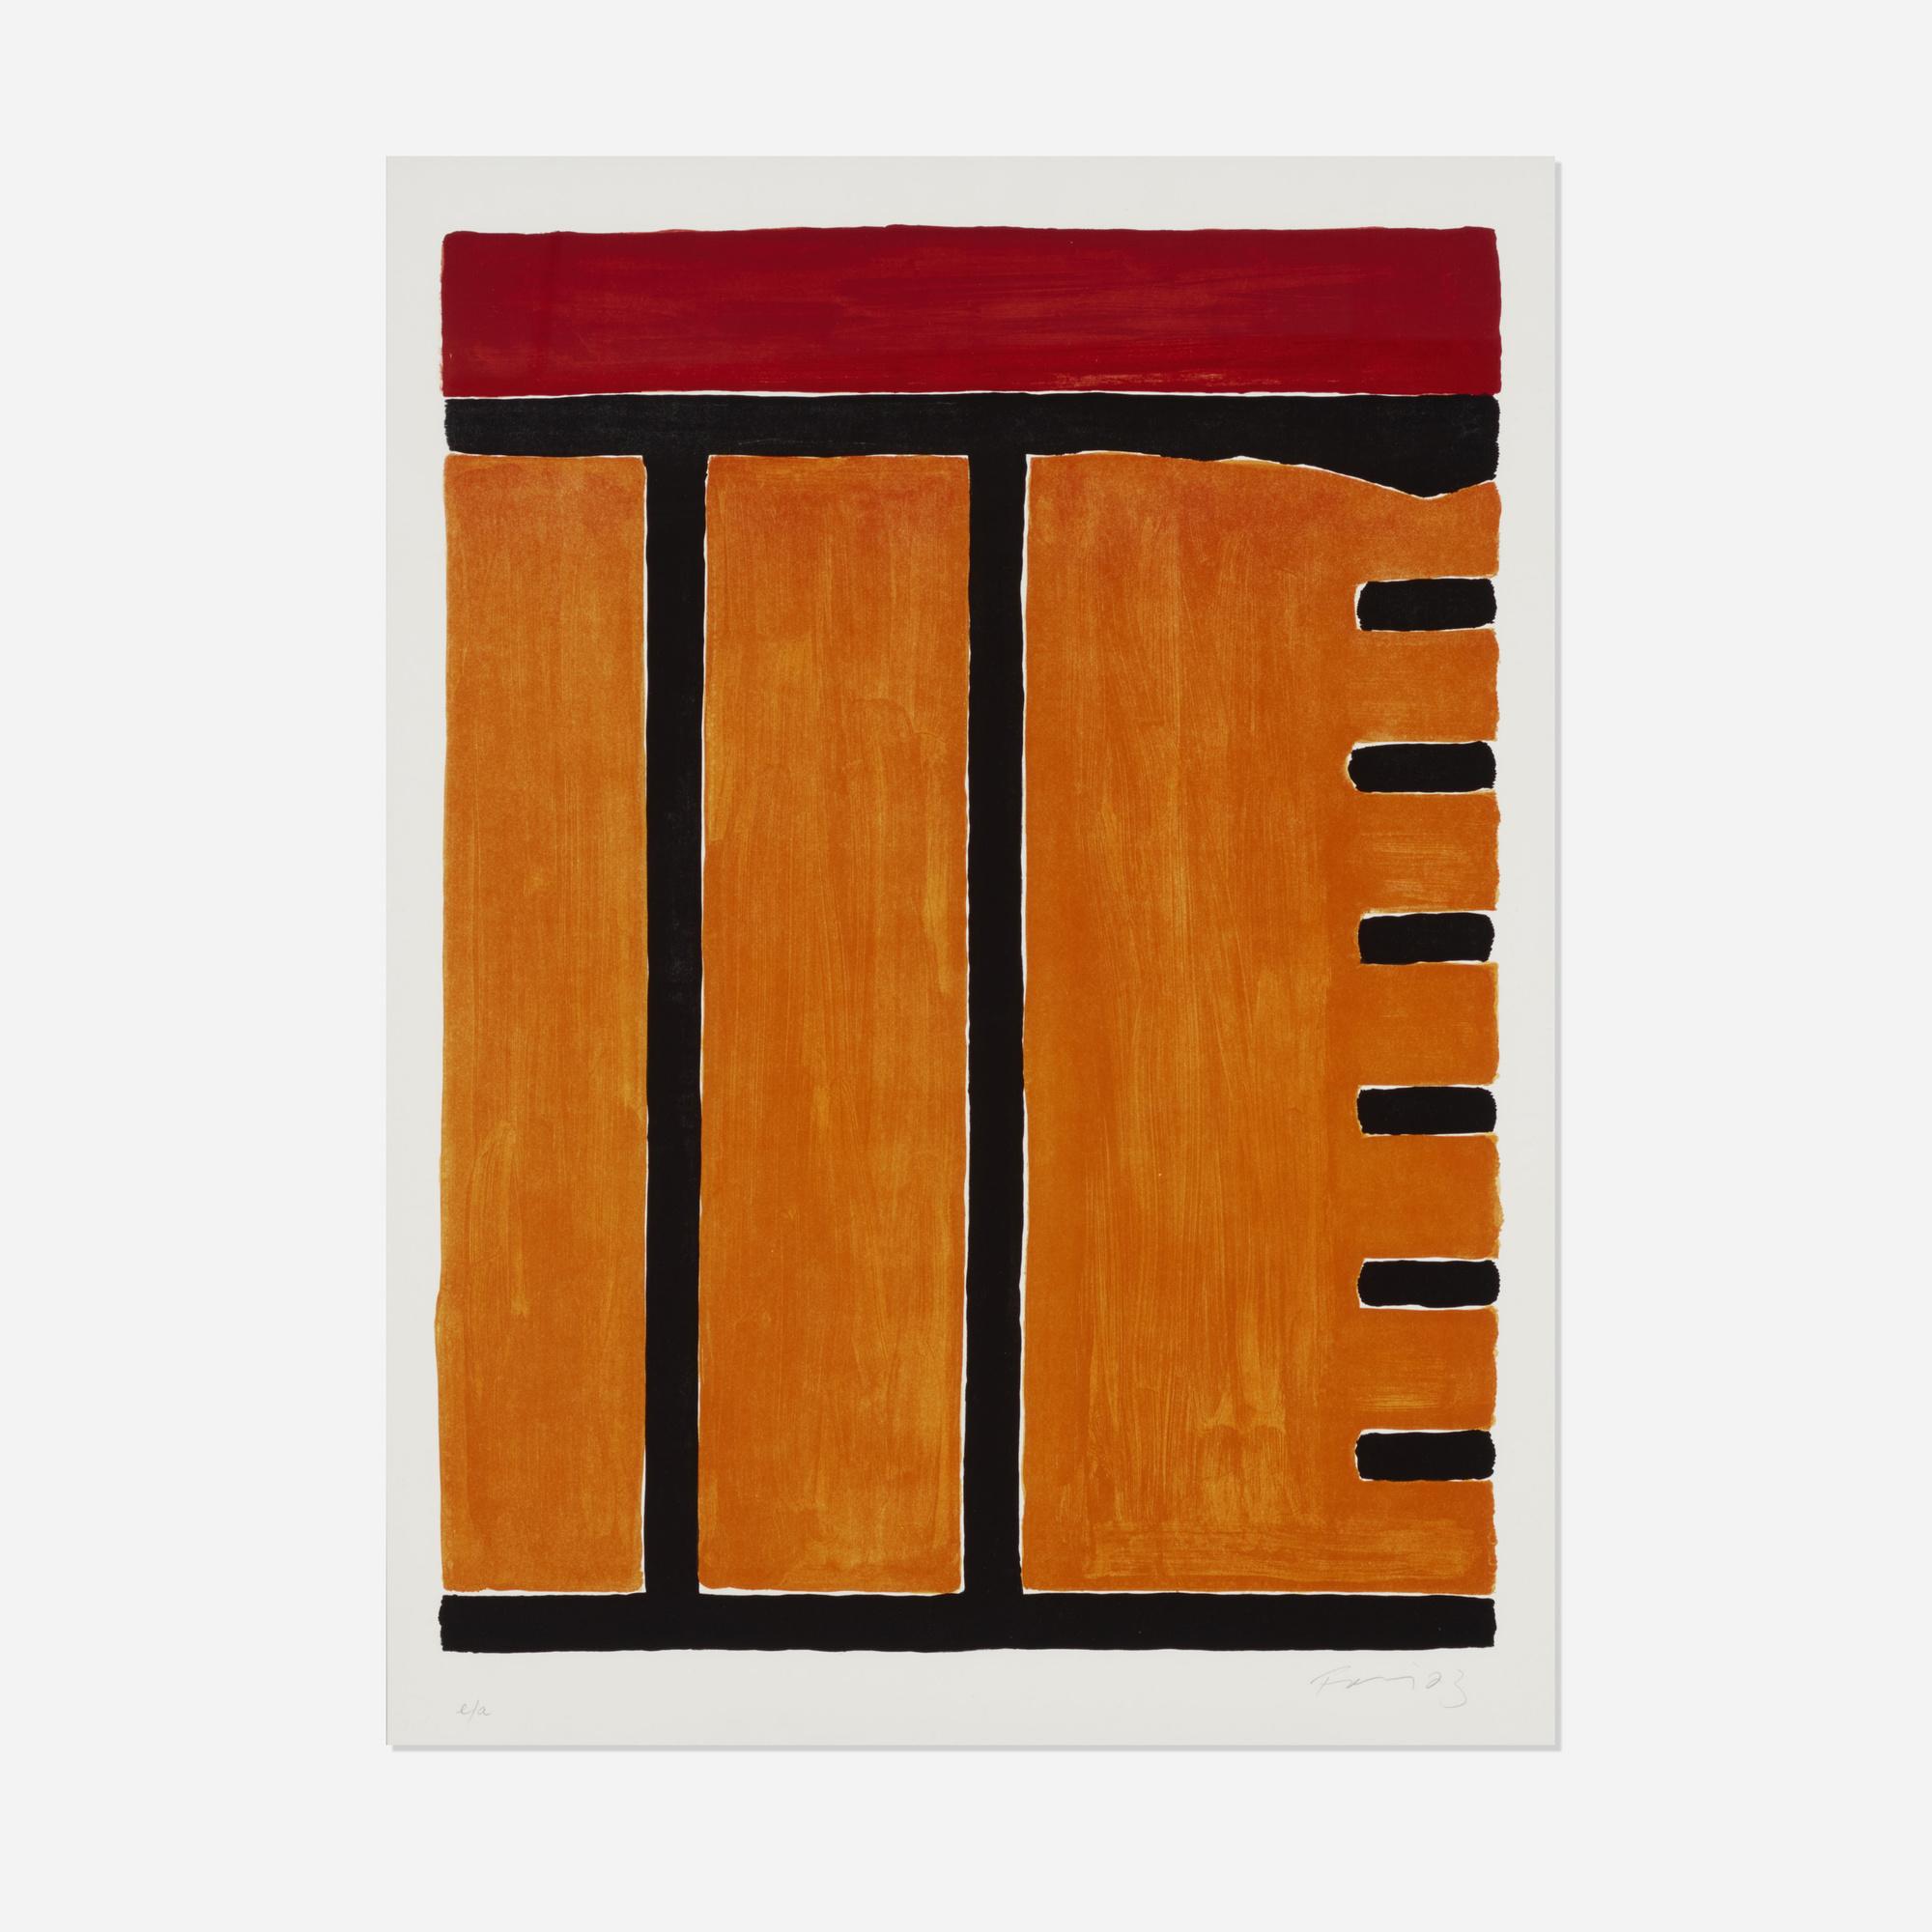 156: Günther Förg / Untitled (1 of 1)